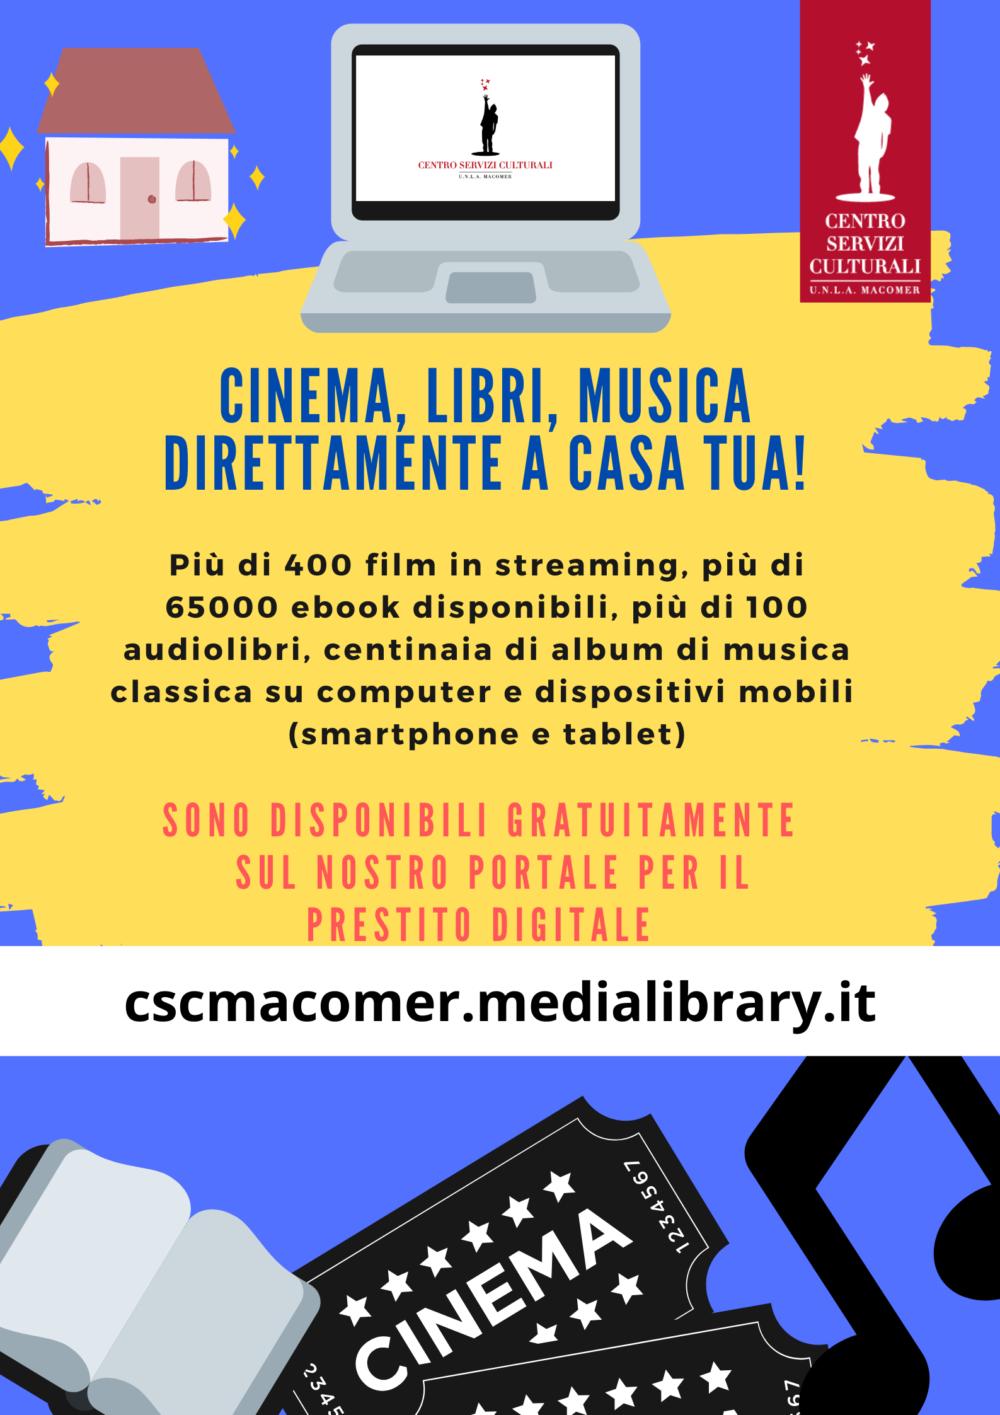 Prestito digitale: ebook, film, musica, audiolibri, quotidiani e riviste